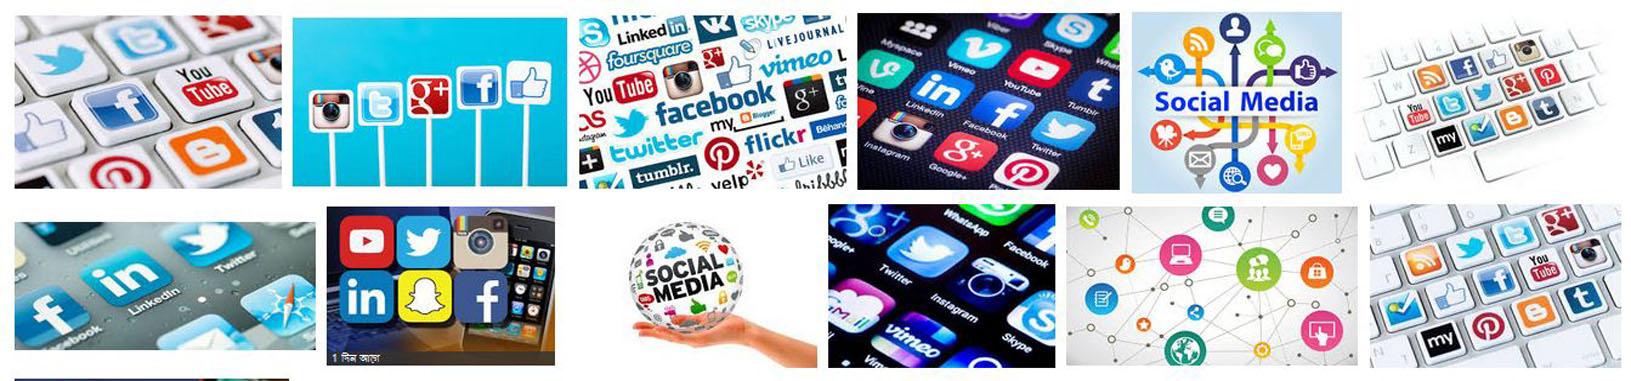 Australian Social Media News